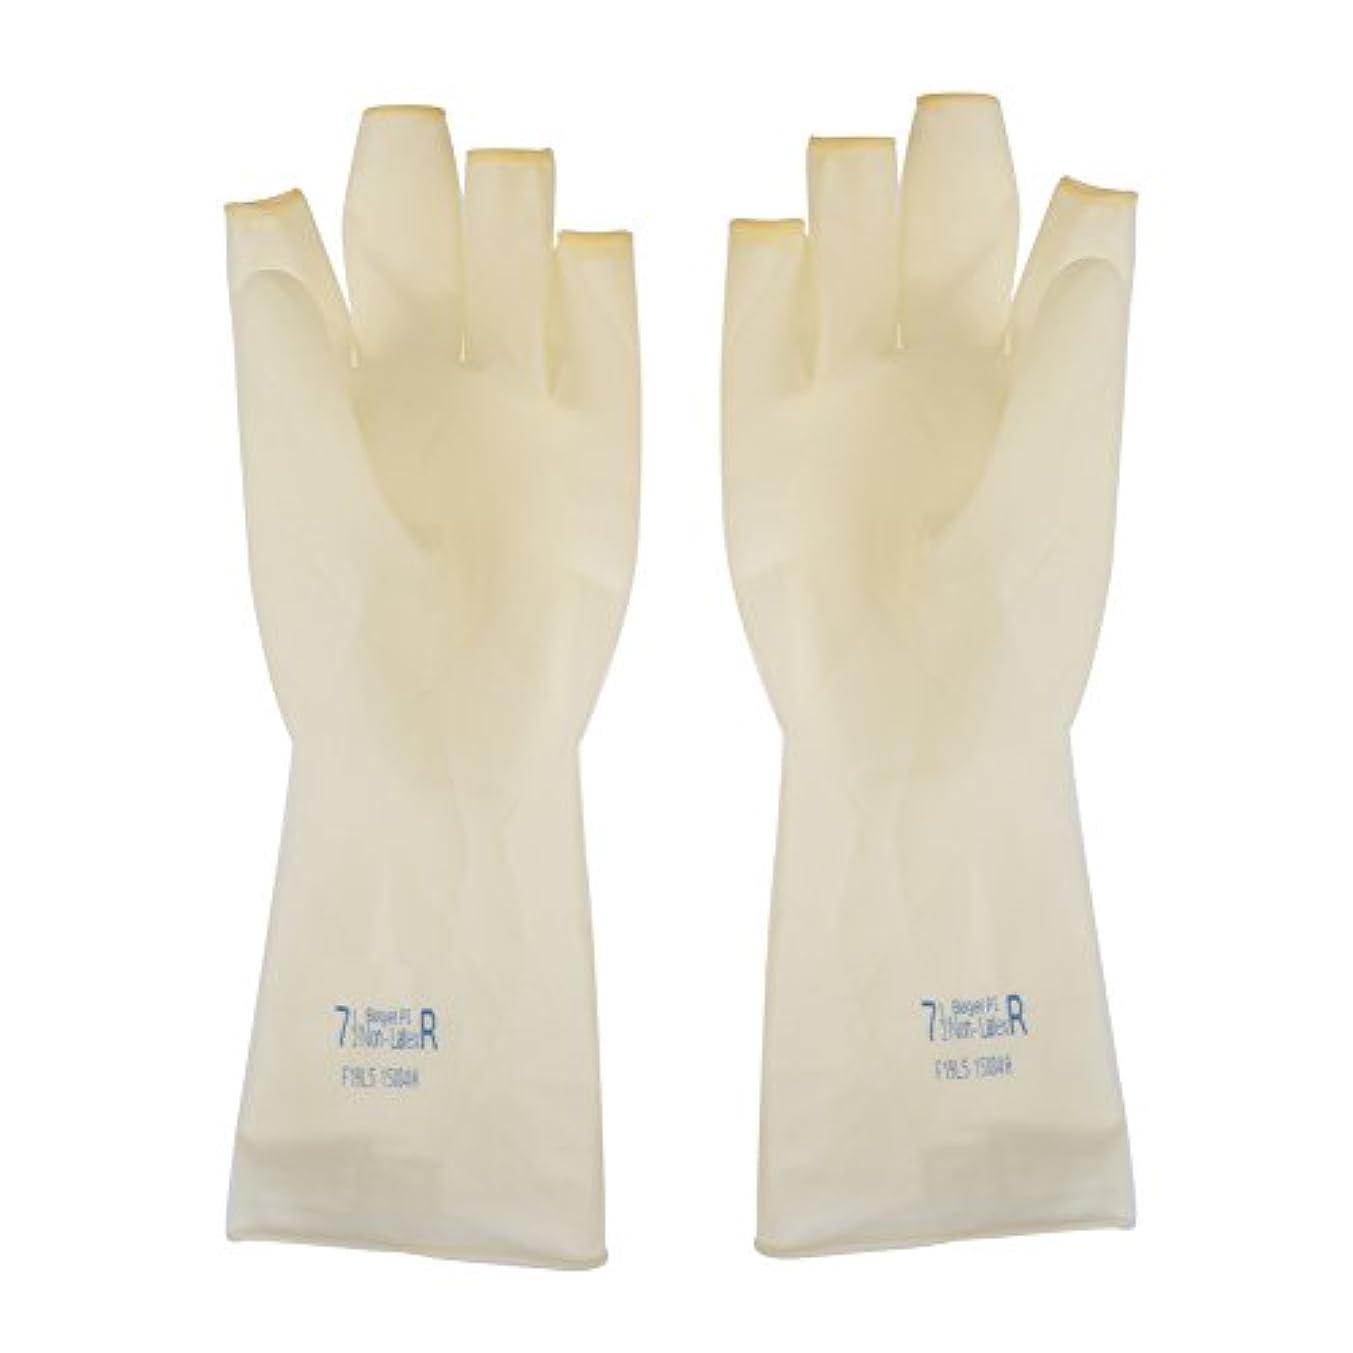 枕概してとげのあるAEdiea 1ペア ゴム手袋   毛染め手袋 使い捨て 弾性 伸縮性 ヘアサロン サロンツール (M)